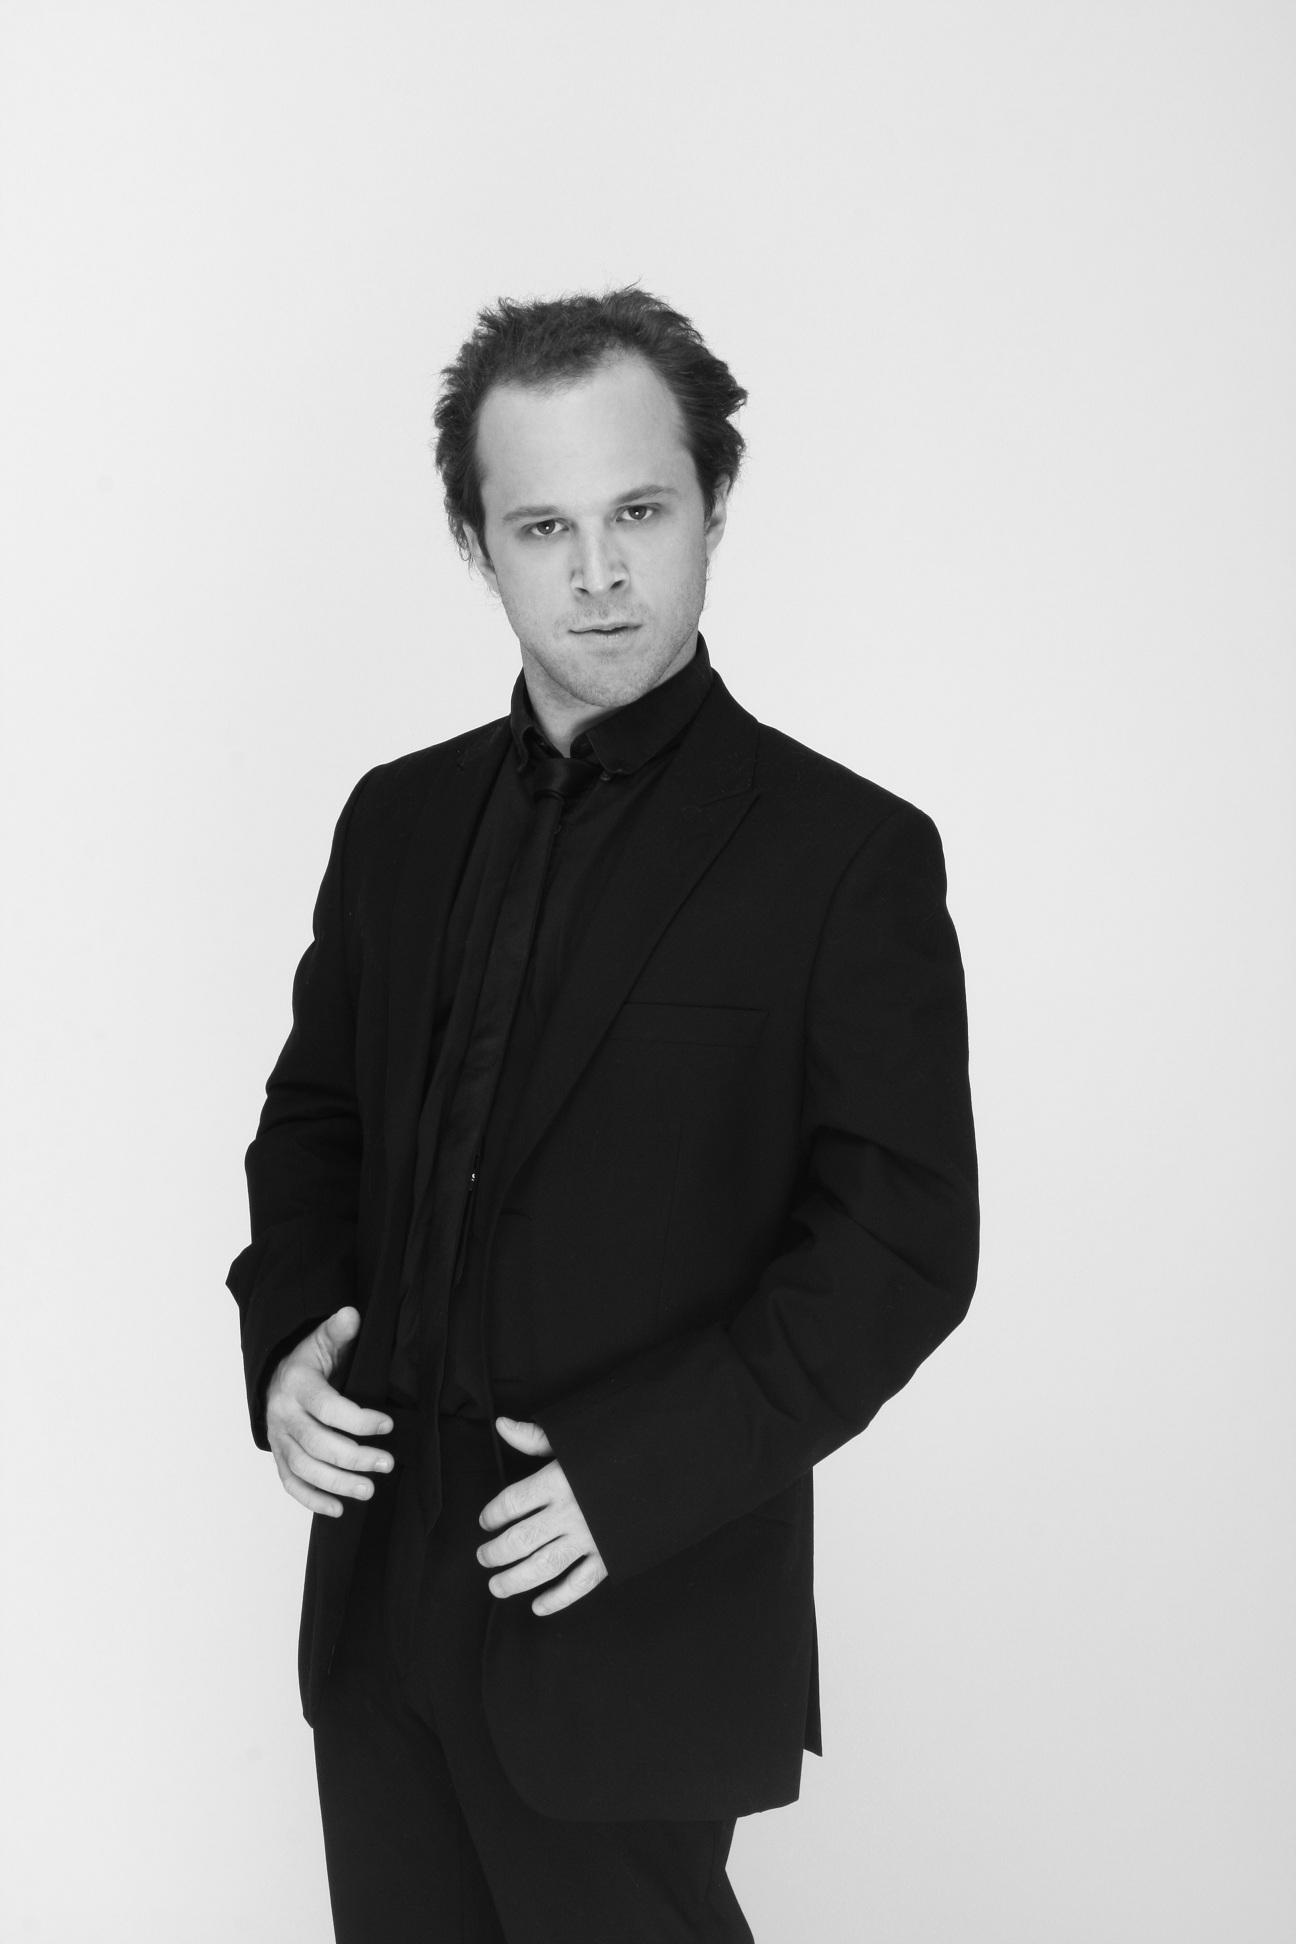 Guillaume Darnault